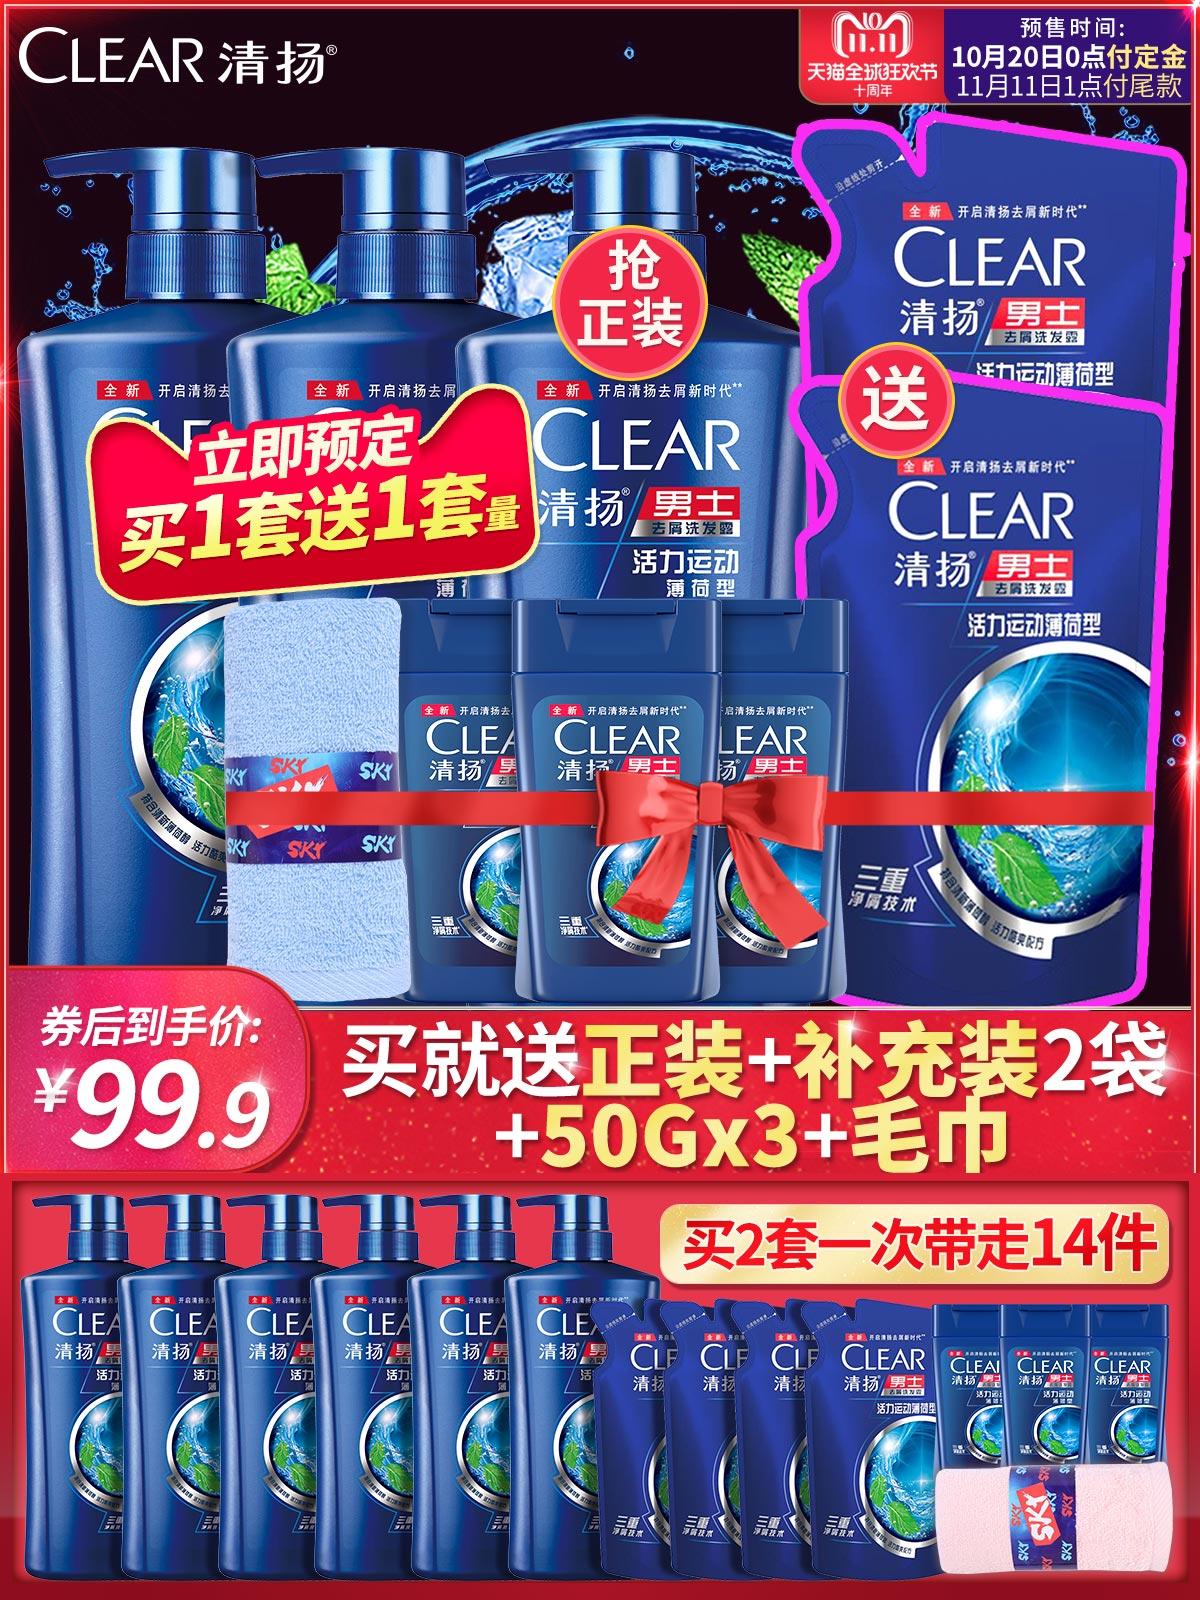 18年双11预售 CLEAR 清扬 活力运动薄荷型 男士去屑洗发露 500ml*3瓶+200g补充装*2袋 低于¥79.9包邮(需定金¥20)